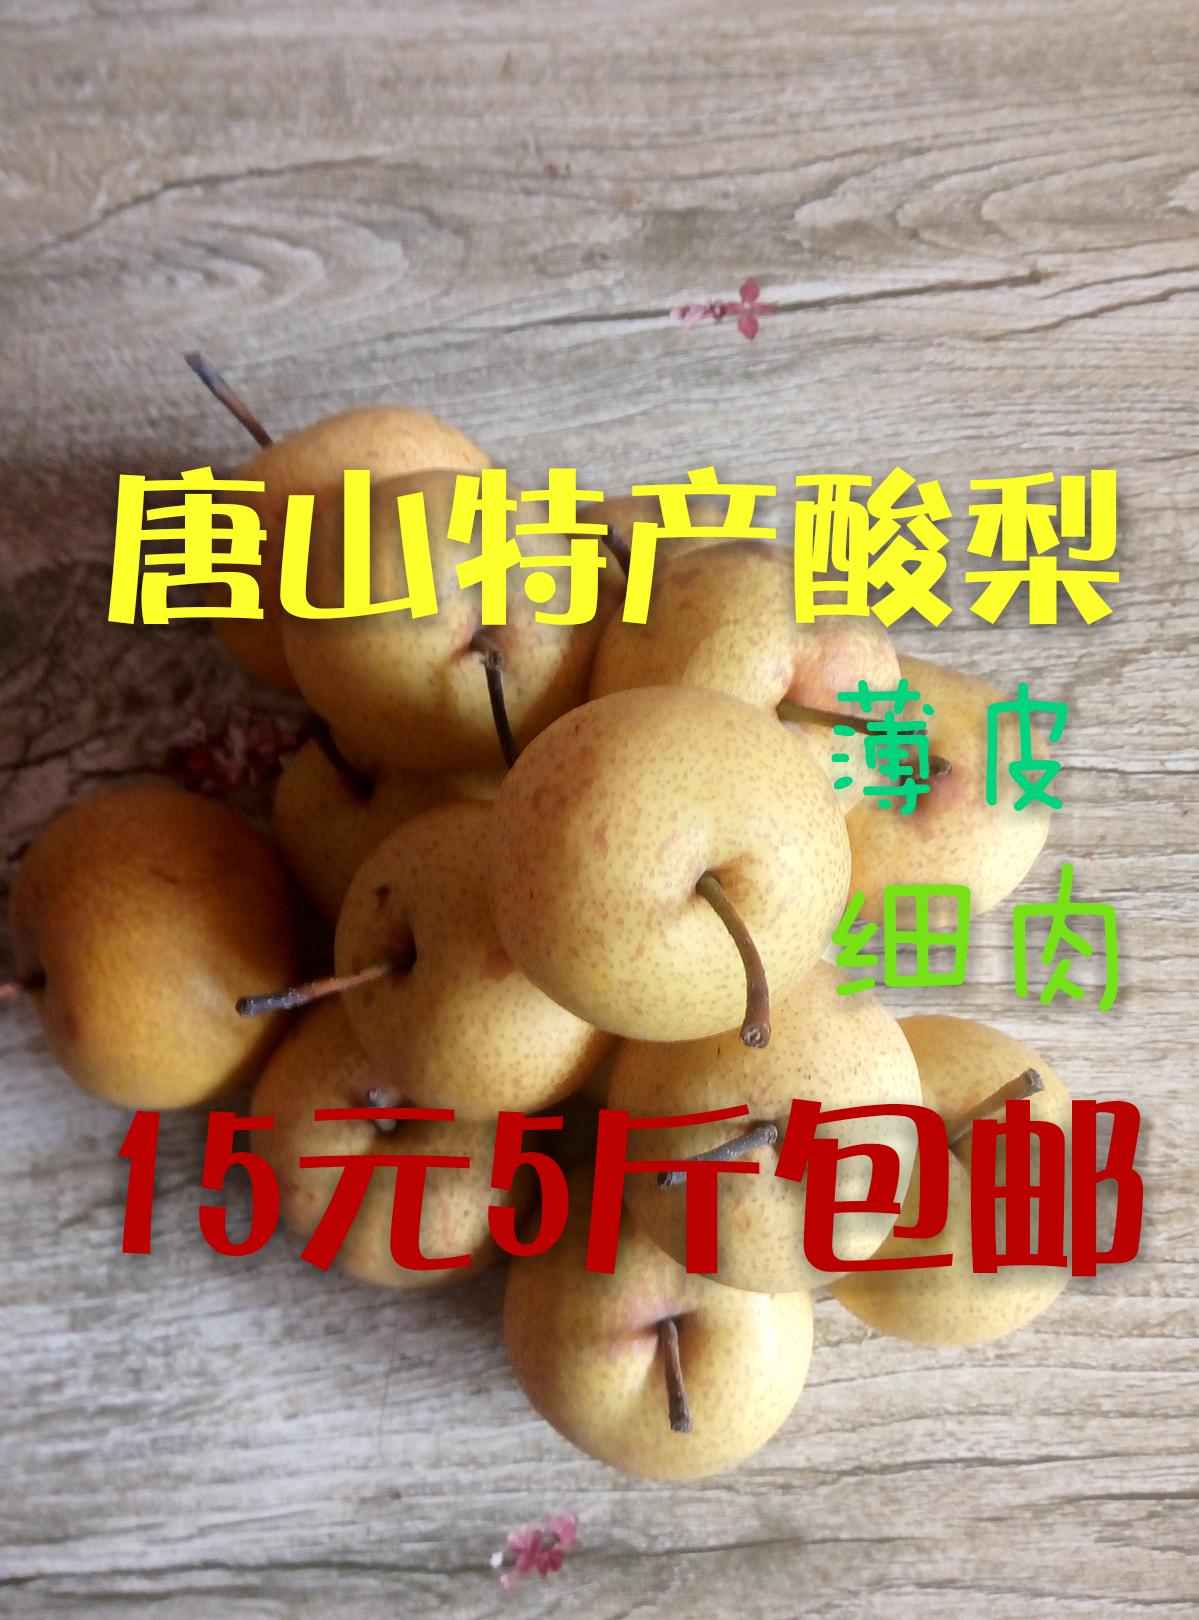 酸梨安梨唐山特产新鲜孕妇15元5斤包邮现货薄皮细肉农家果园